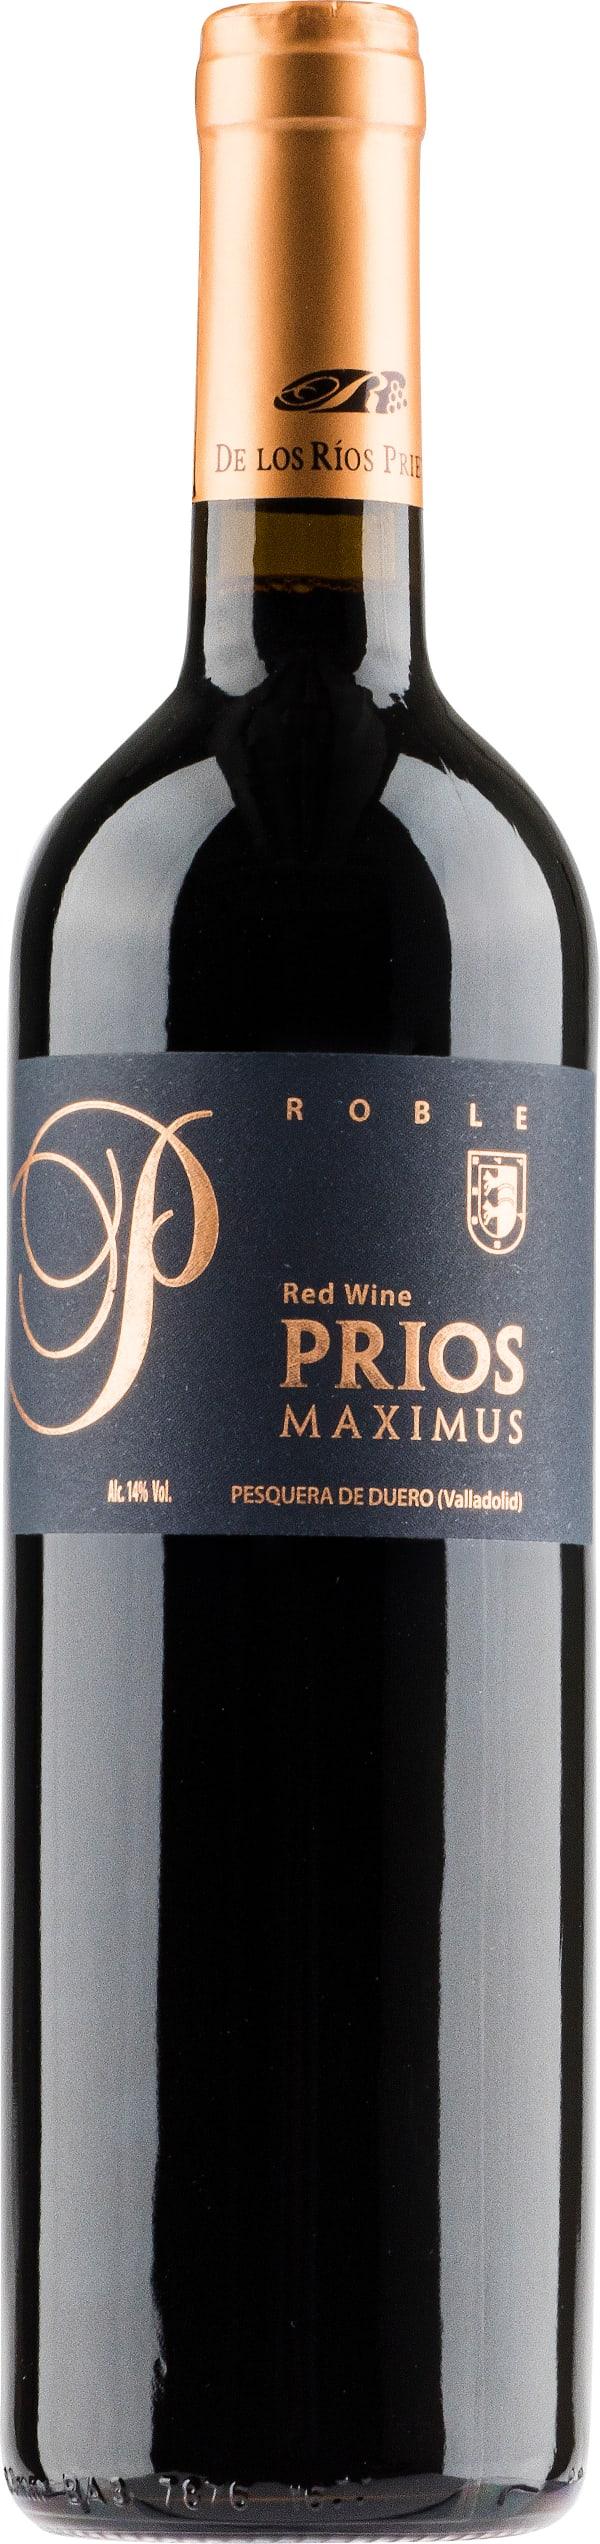 Prios Maximus Roble 2019